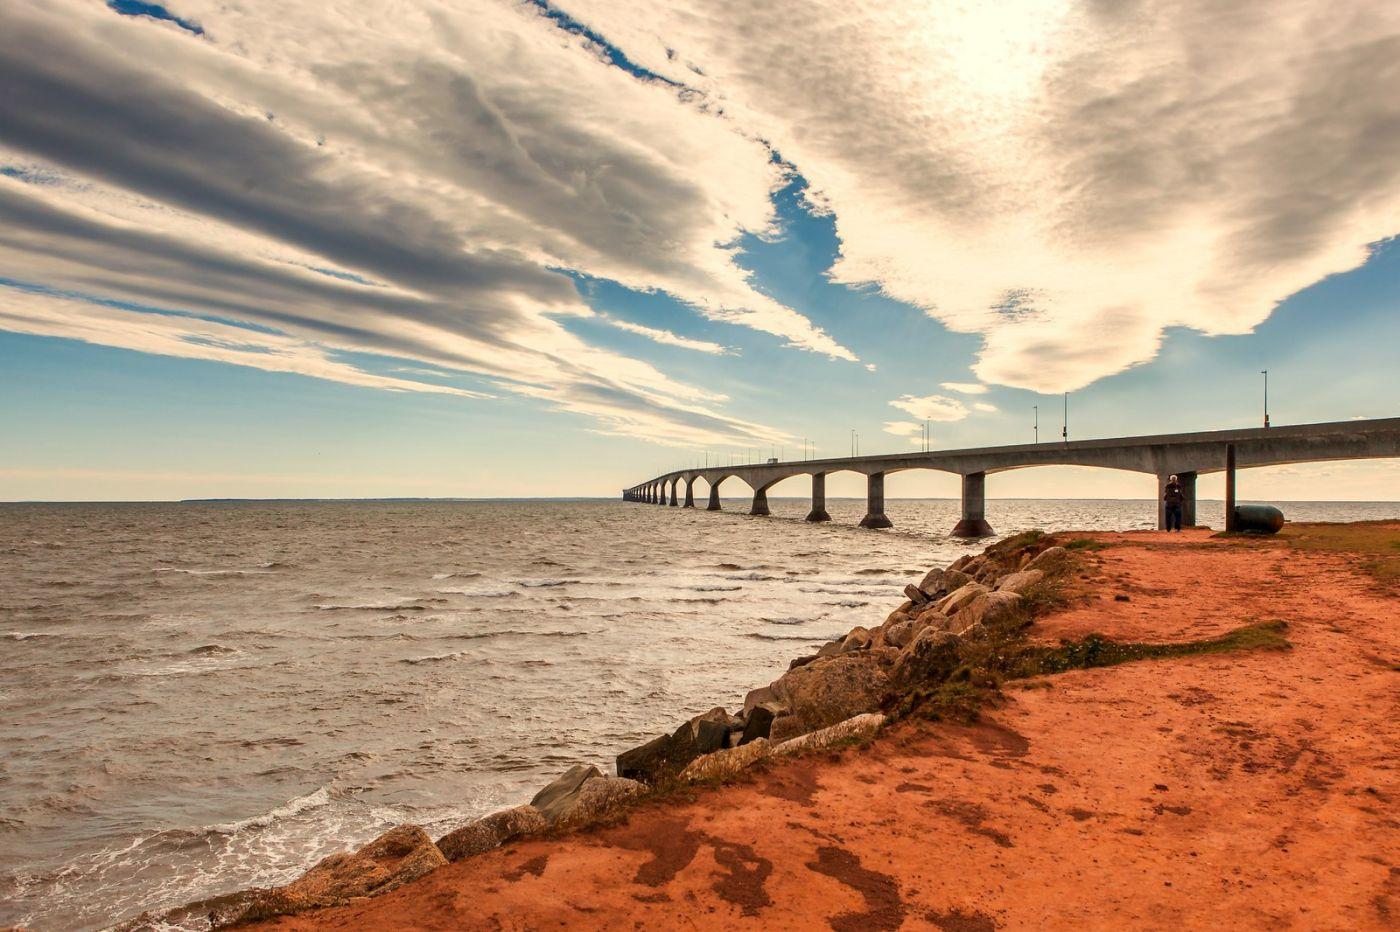 加拿大风景,长桥和灯塔_图1-13